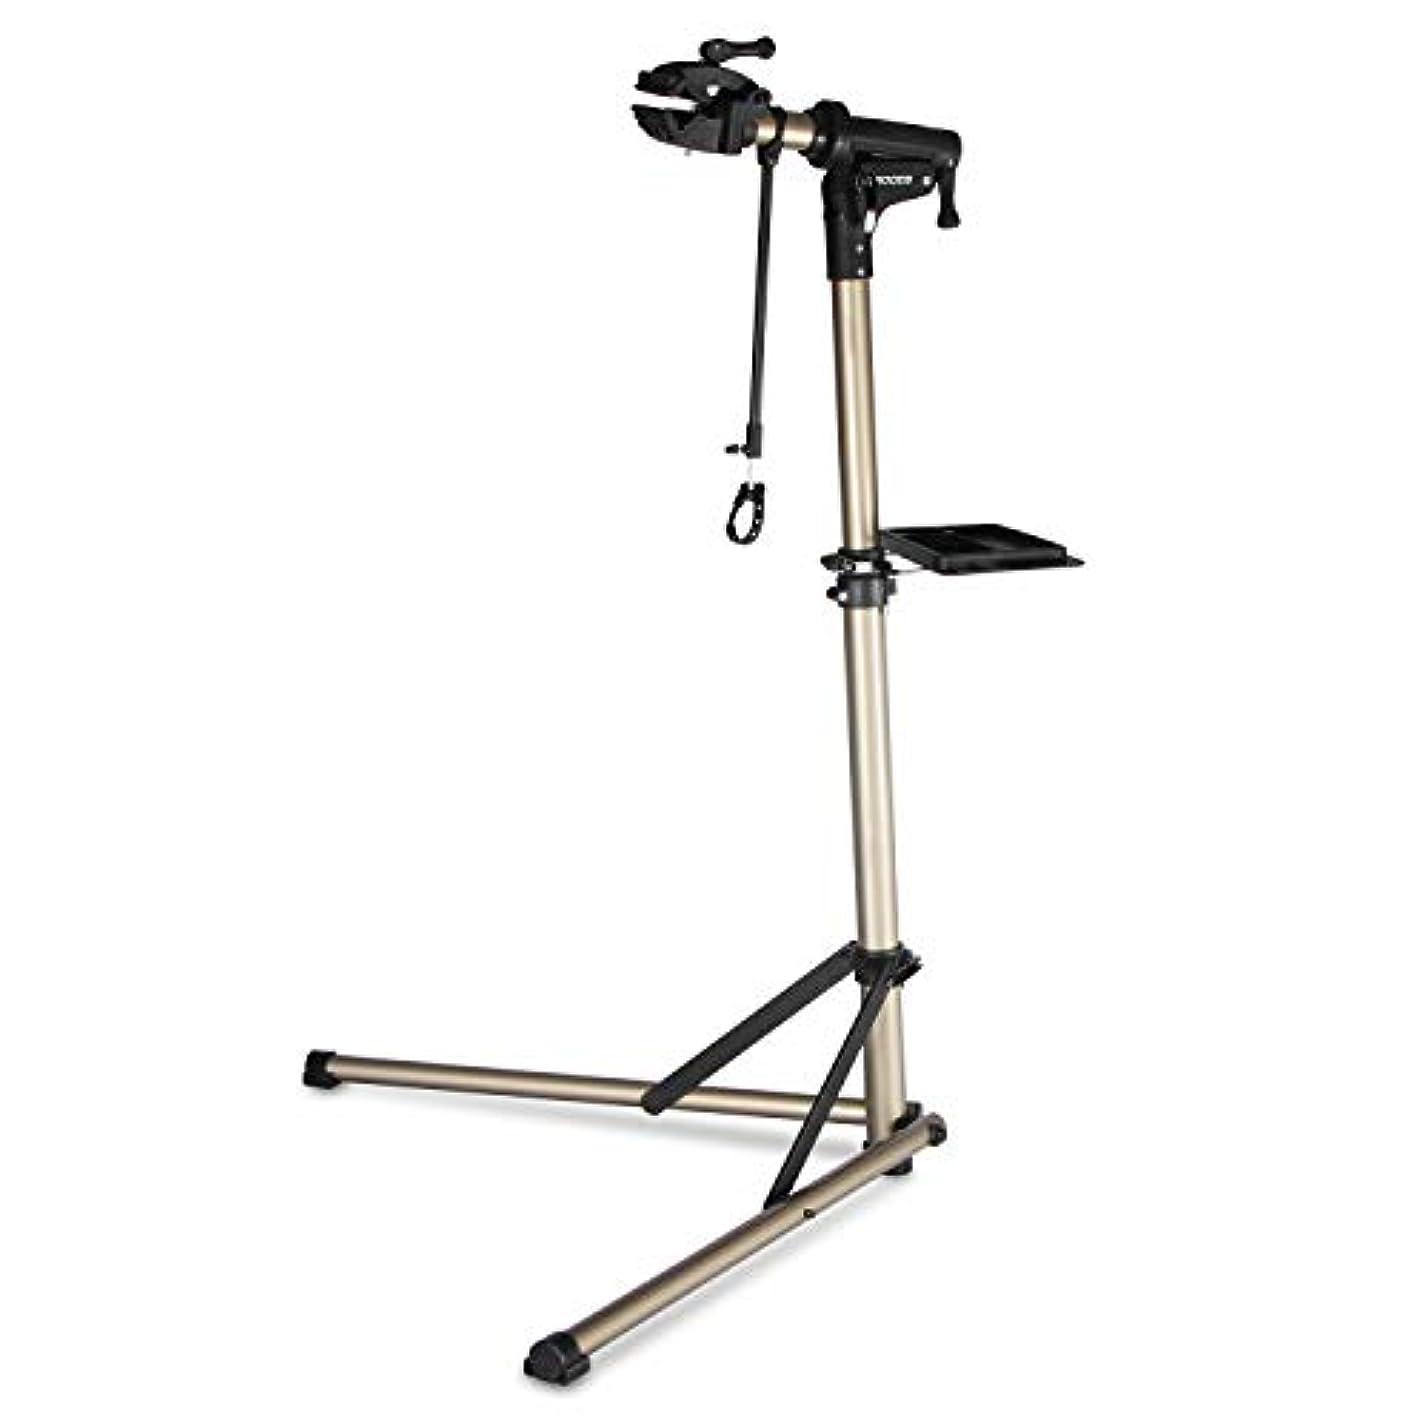 空旅ビルマROCES 自転車 メンテナンススタンド 安定感抜群 高さ調節 角度調節 ワークスタンド 折りたたみ式 工具トレー付 軽量 コンパクト 収納、持ち運びに便利